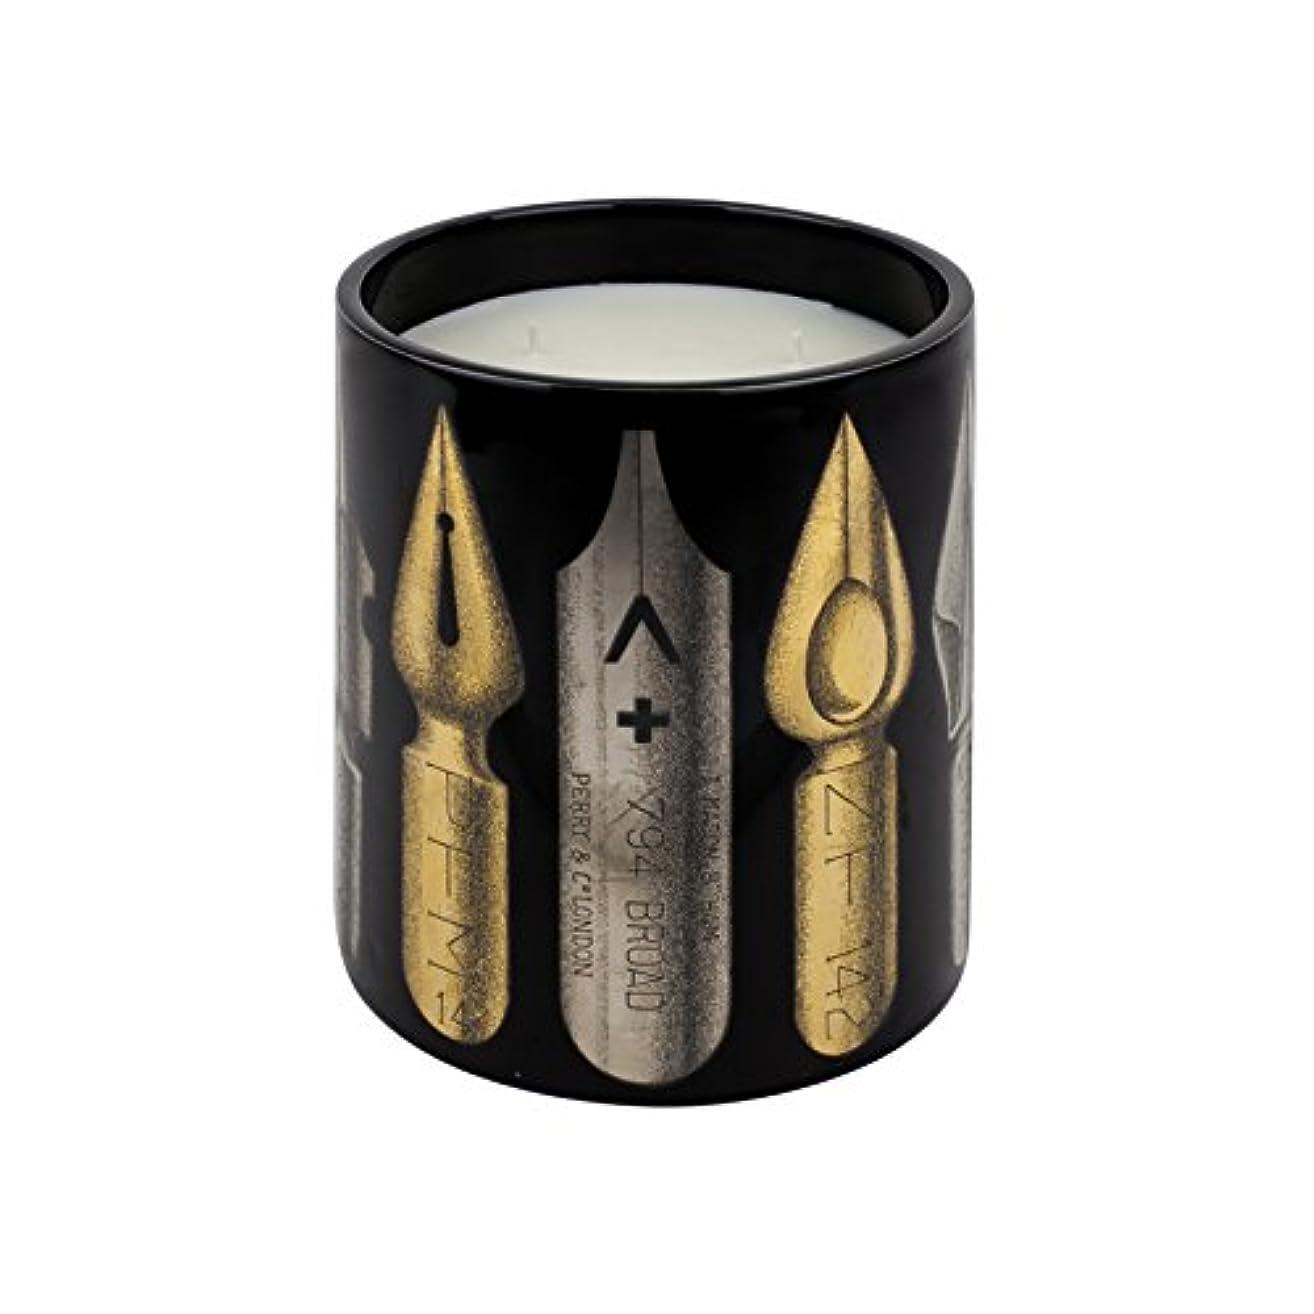 不合格テレマコス子羊Fornasetti PENNINI Nero Large Scented Candle、1.9 KG(1900g)